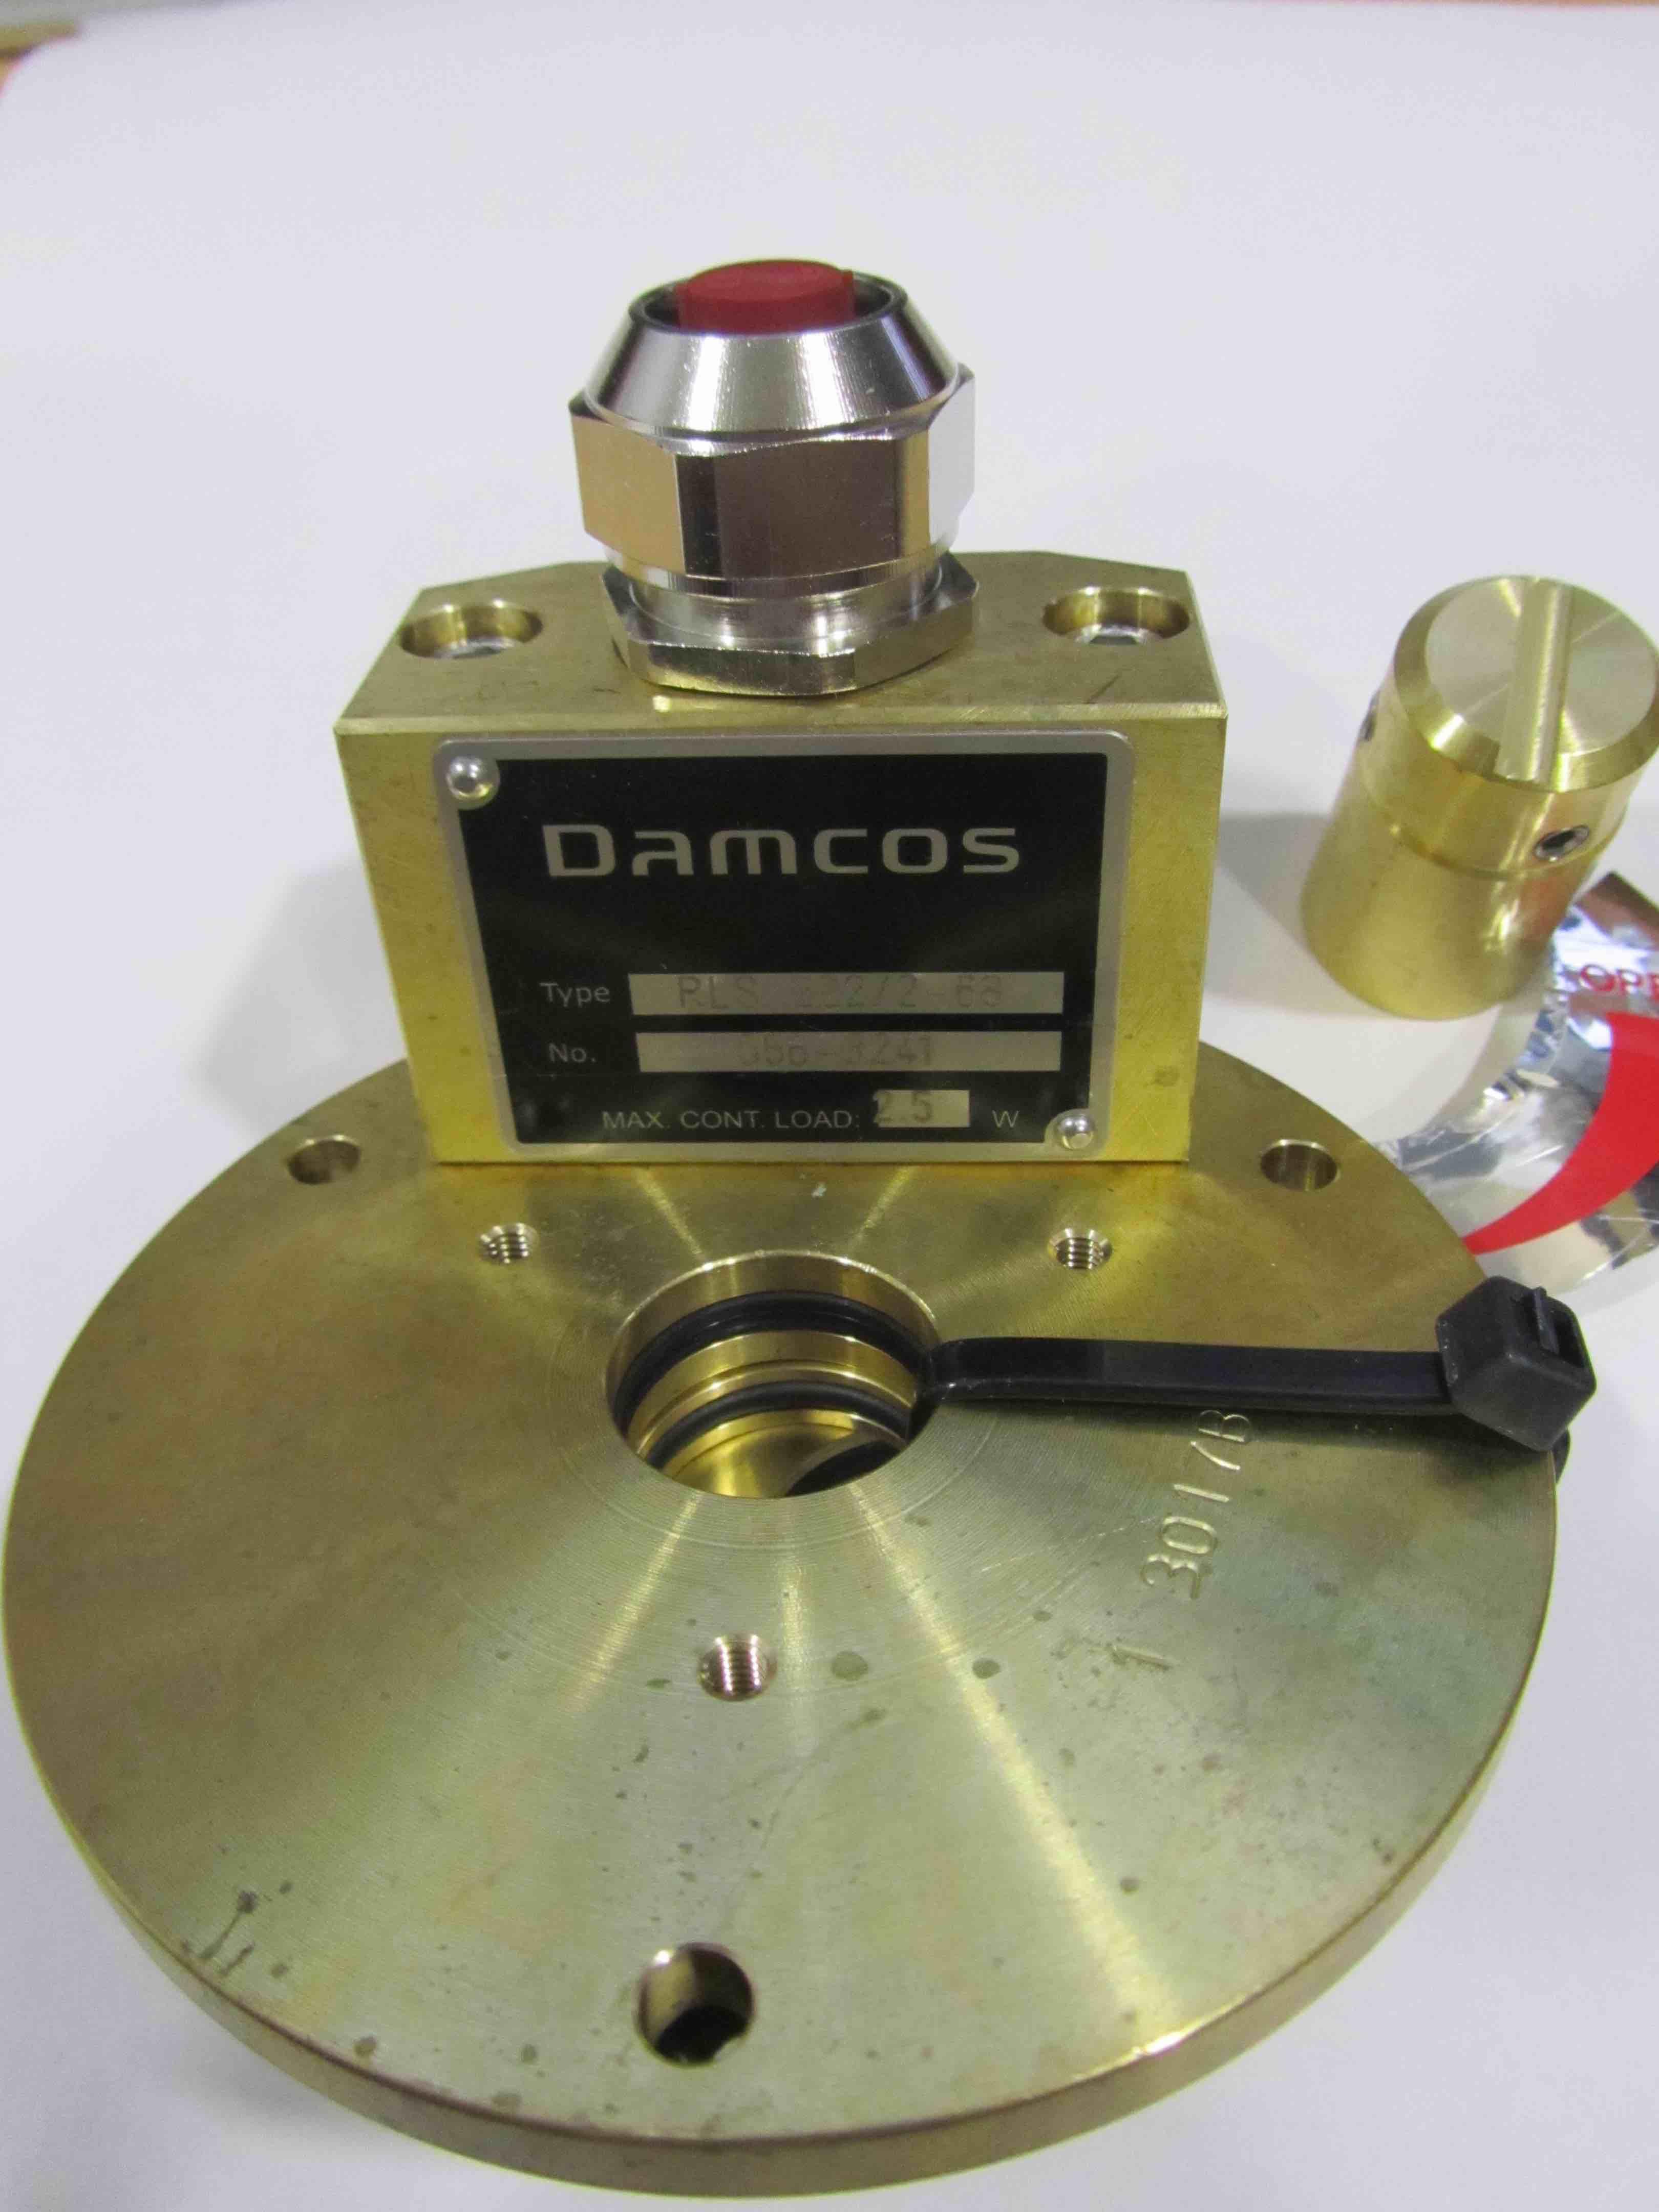 Damcos 056-3241 RLS 222:2-68